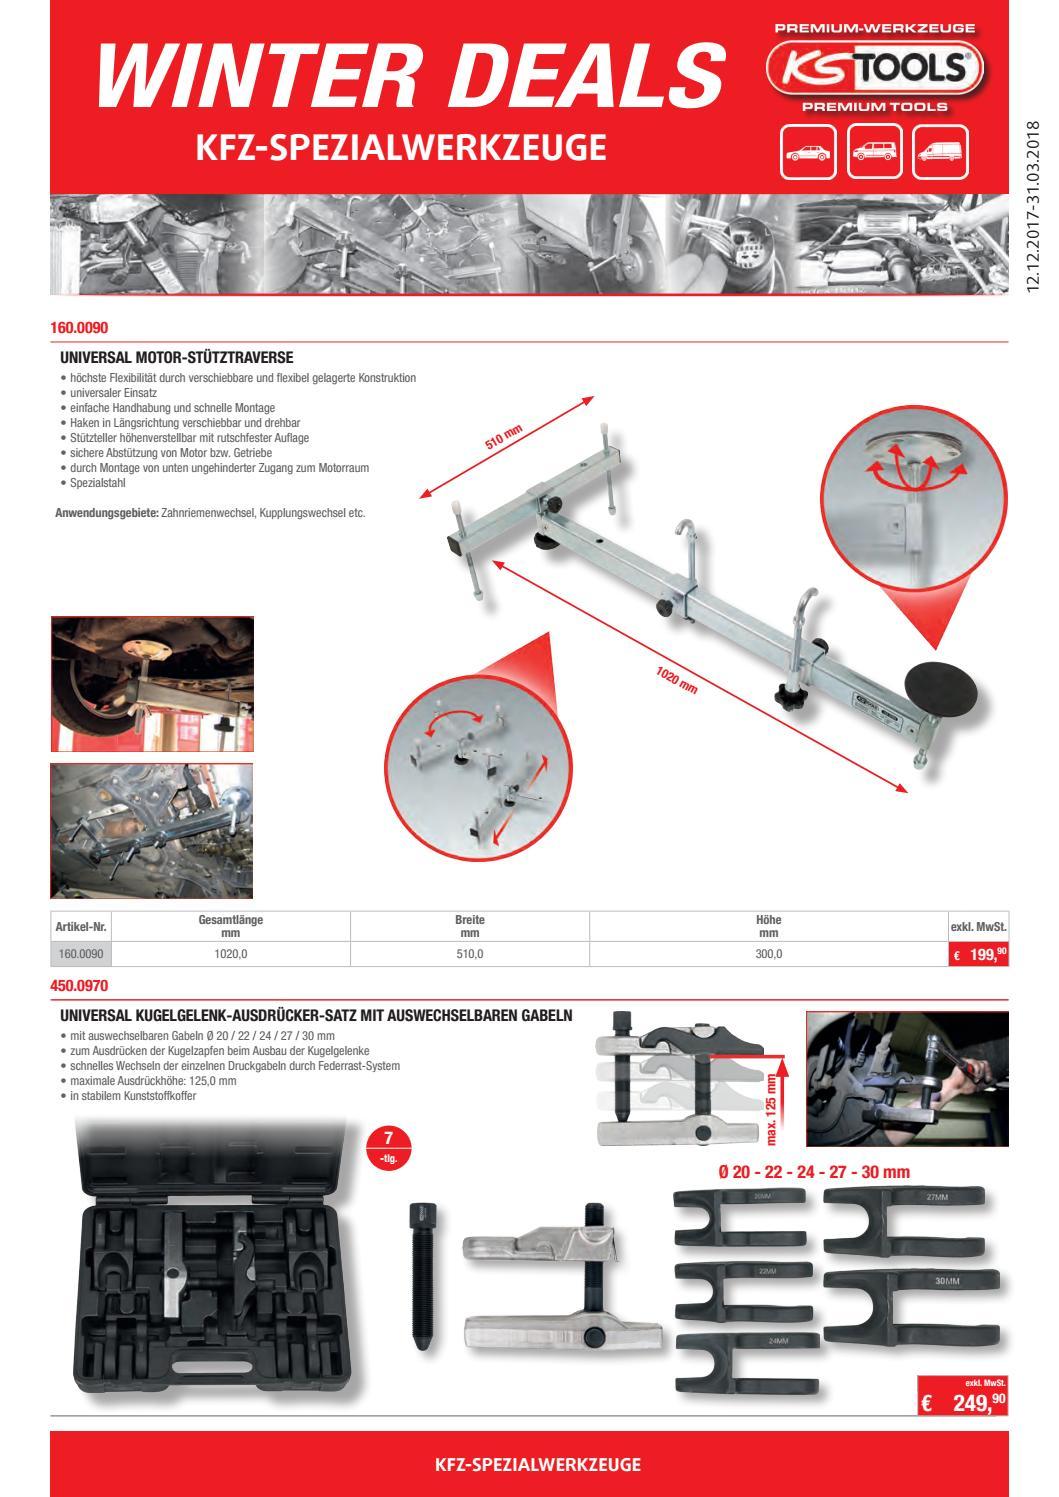 Kugelgelenkausdrücker Kugelkopf Abzieher 5 Gabeln 20-22-24-27-30 mm 7-tlg